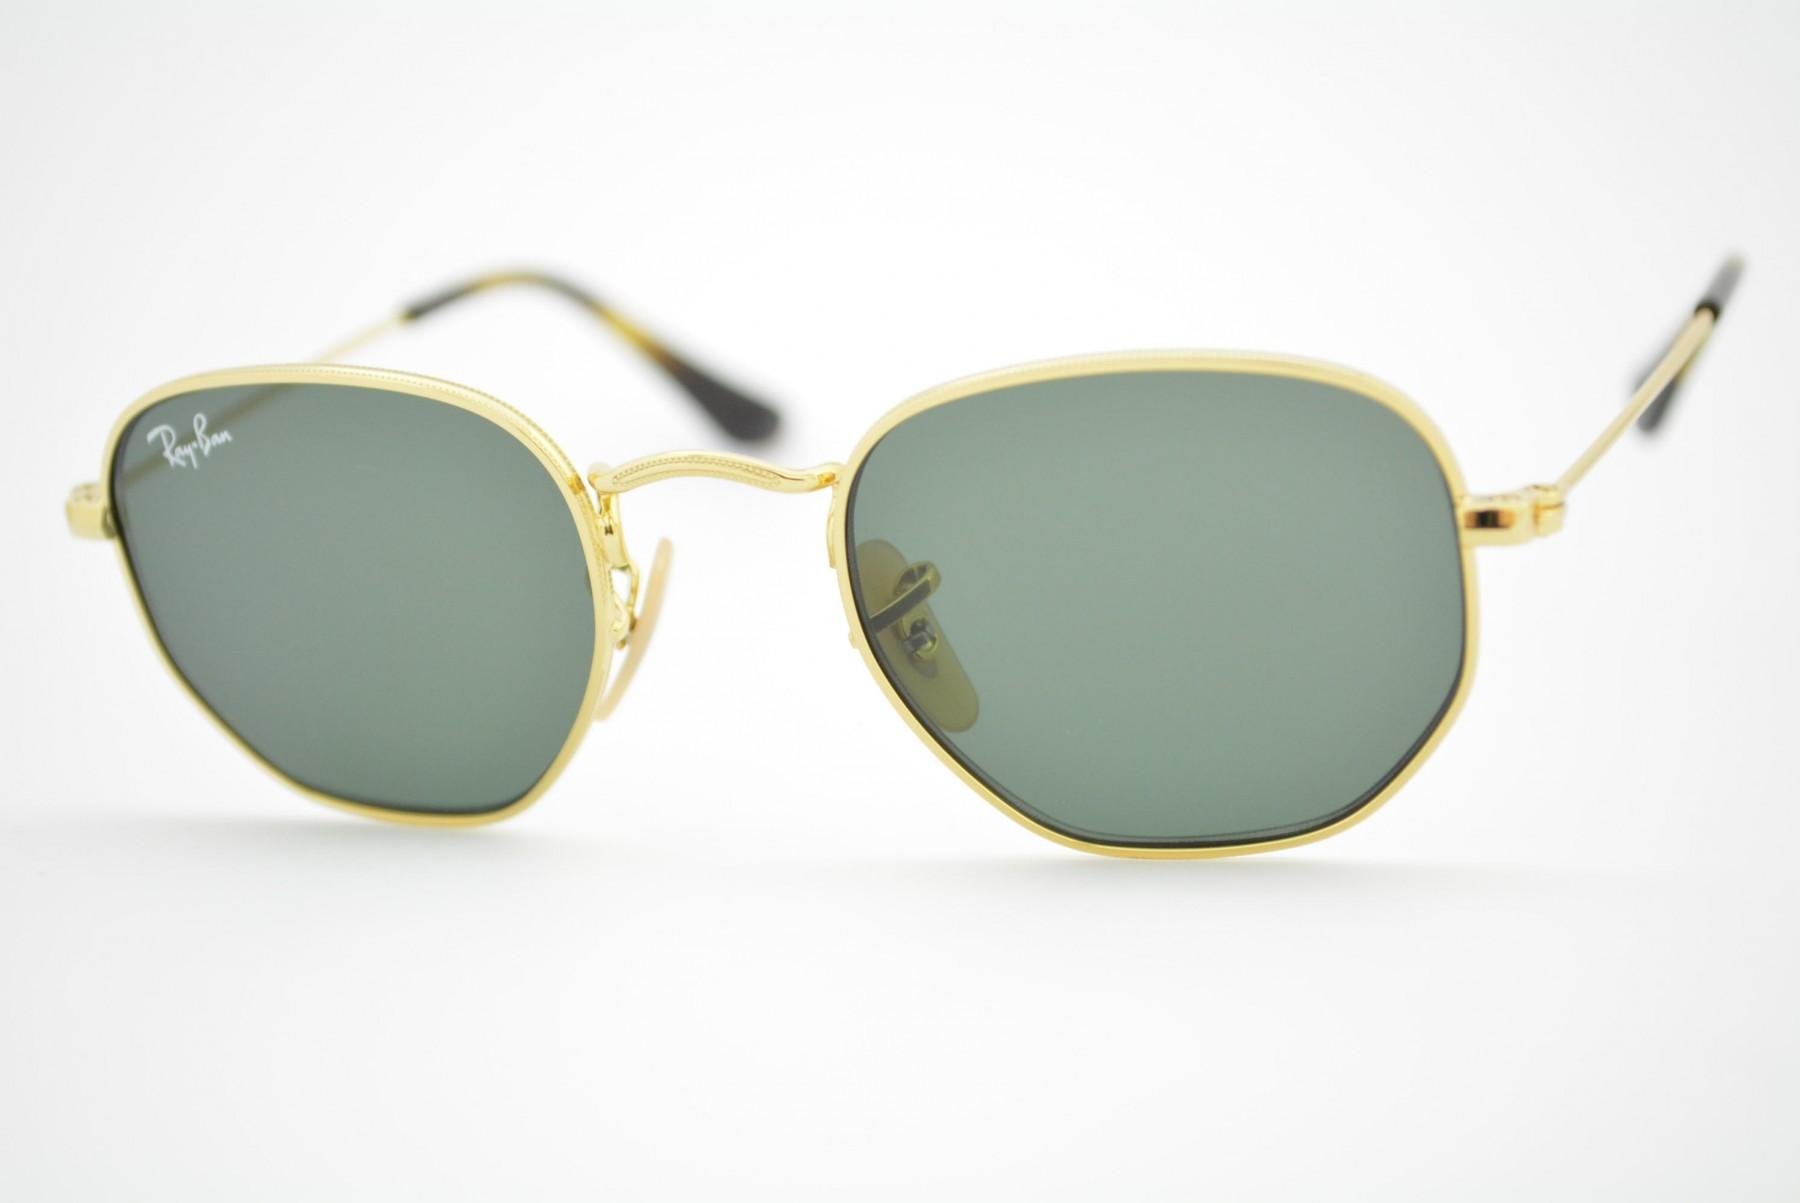 649416c389a23 óculos de sol Ray Ban Hexagonal Junior mod rj9541sn 223 71 Ótica Cardoso